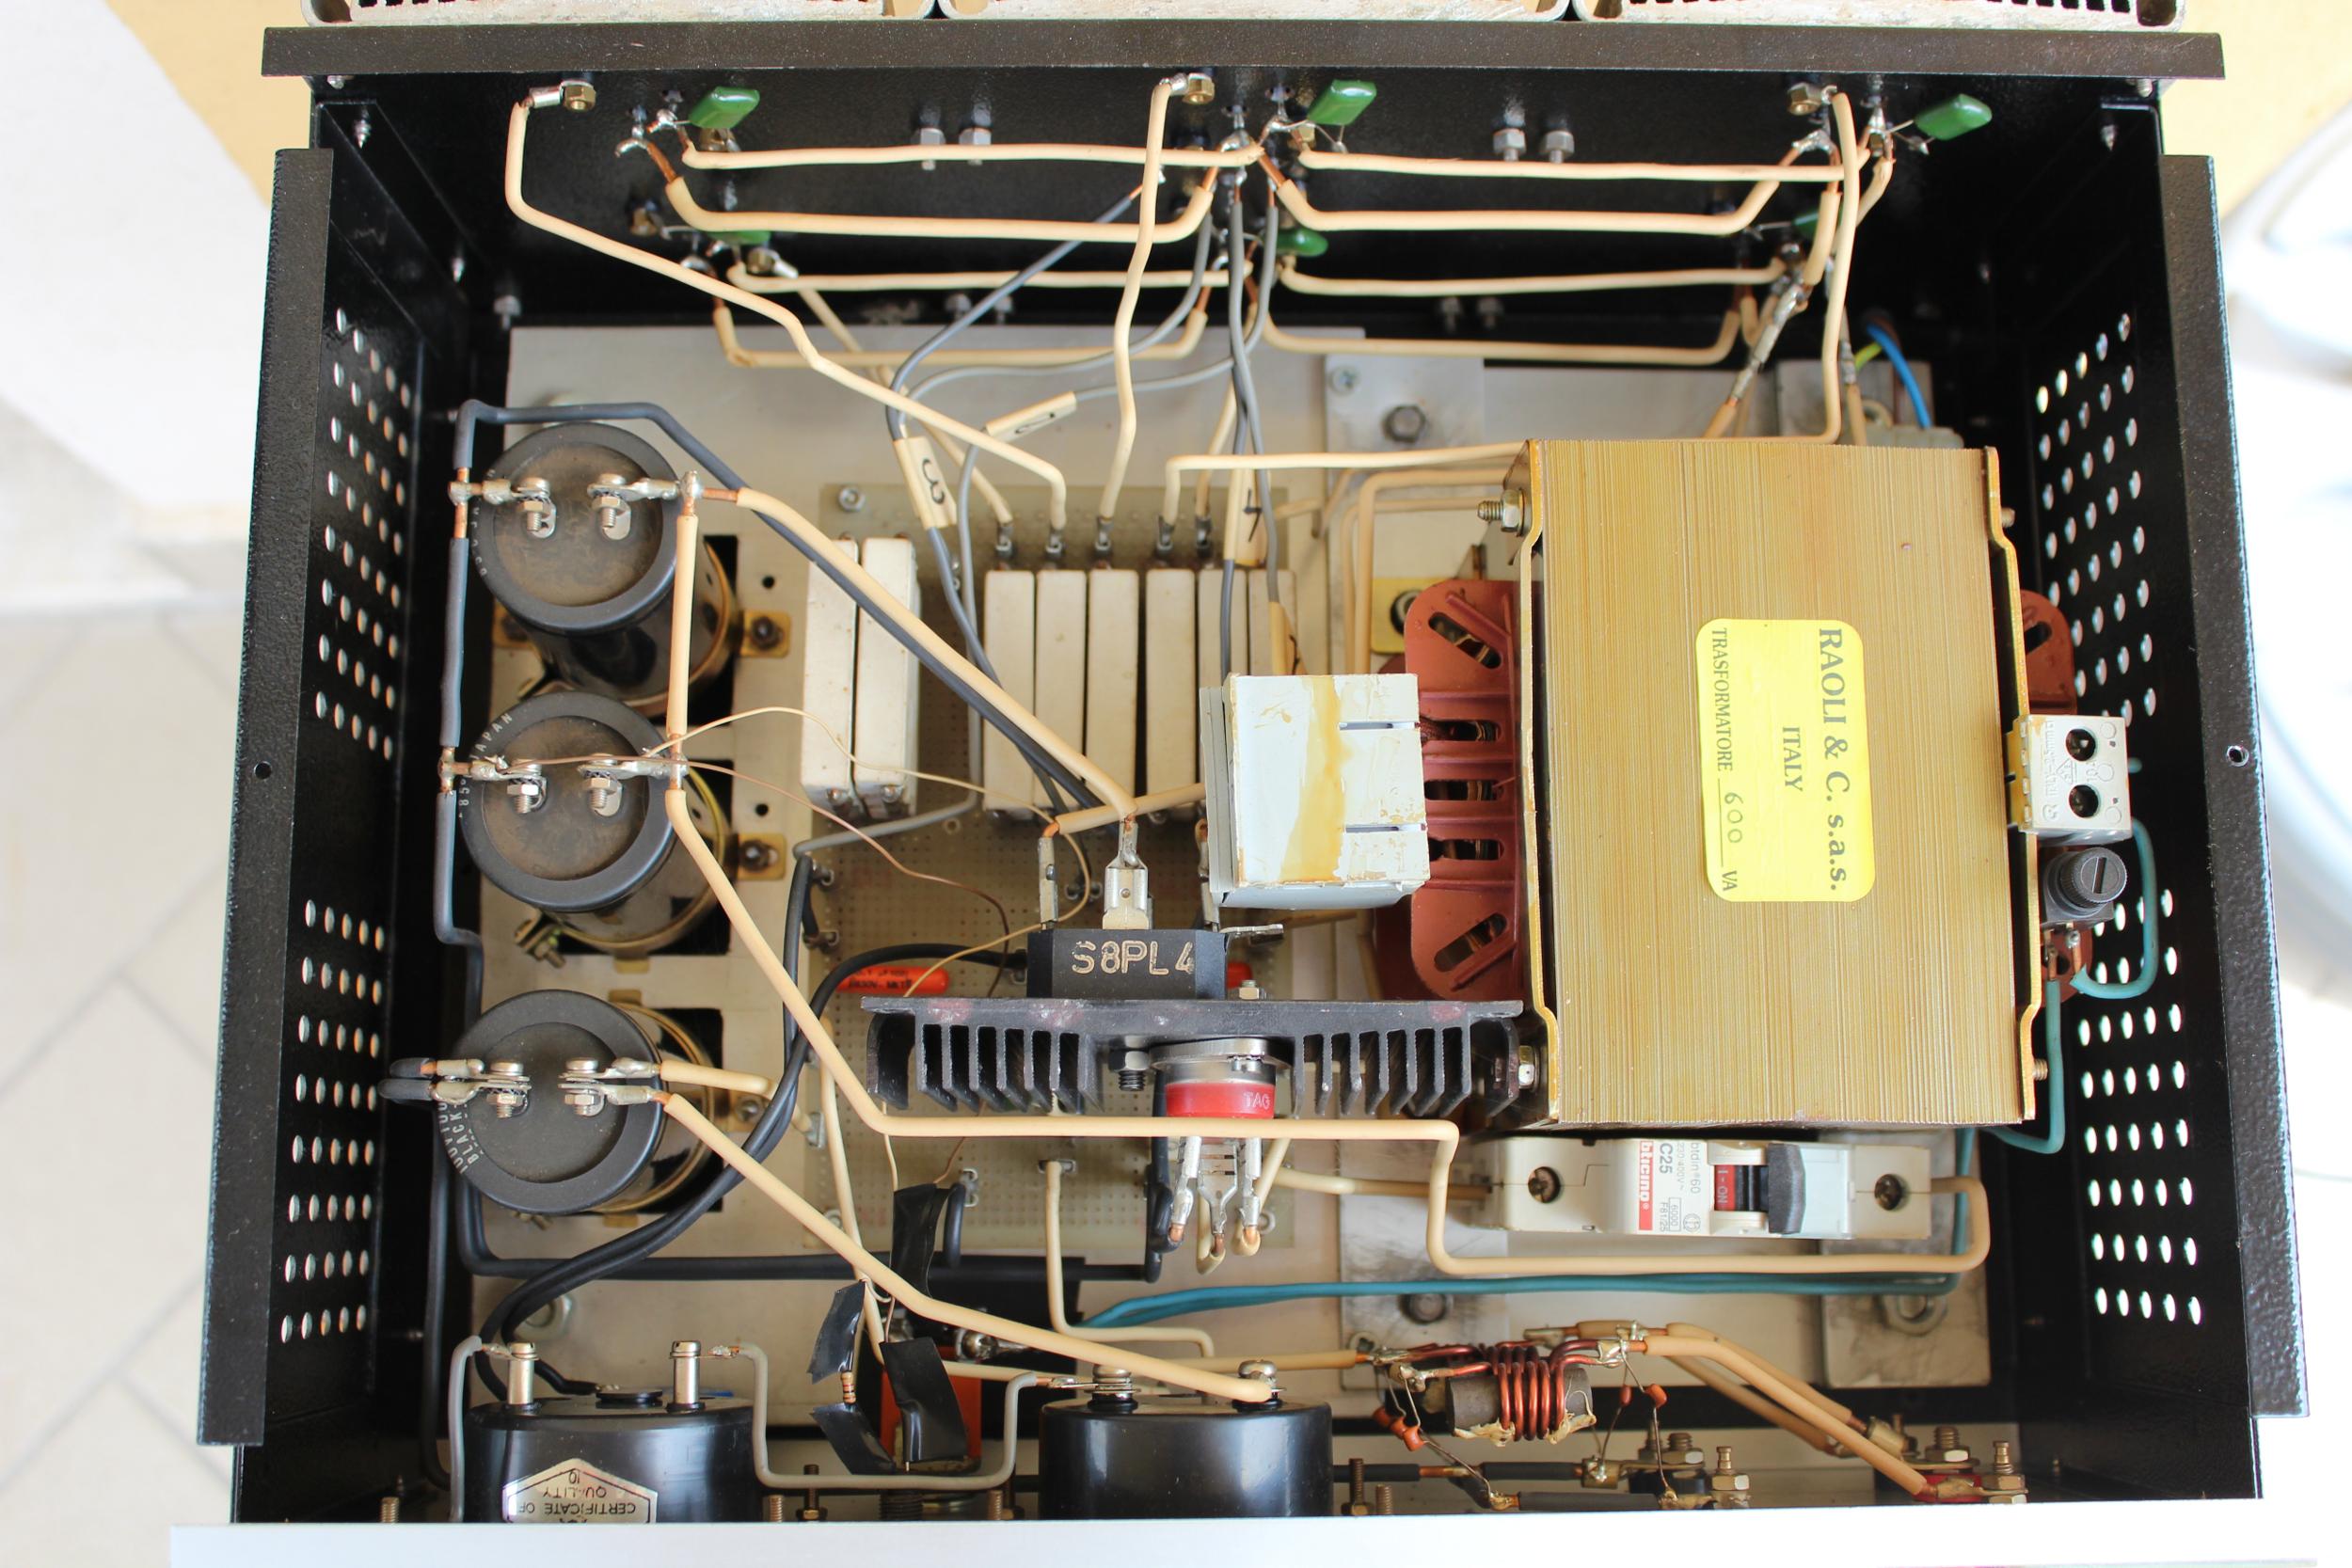 si può collegare un trasformatore allindietro puro romanticismo hook up